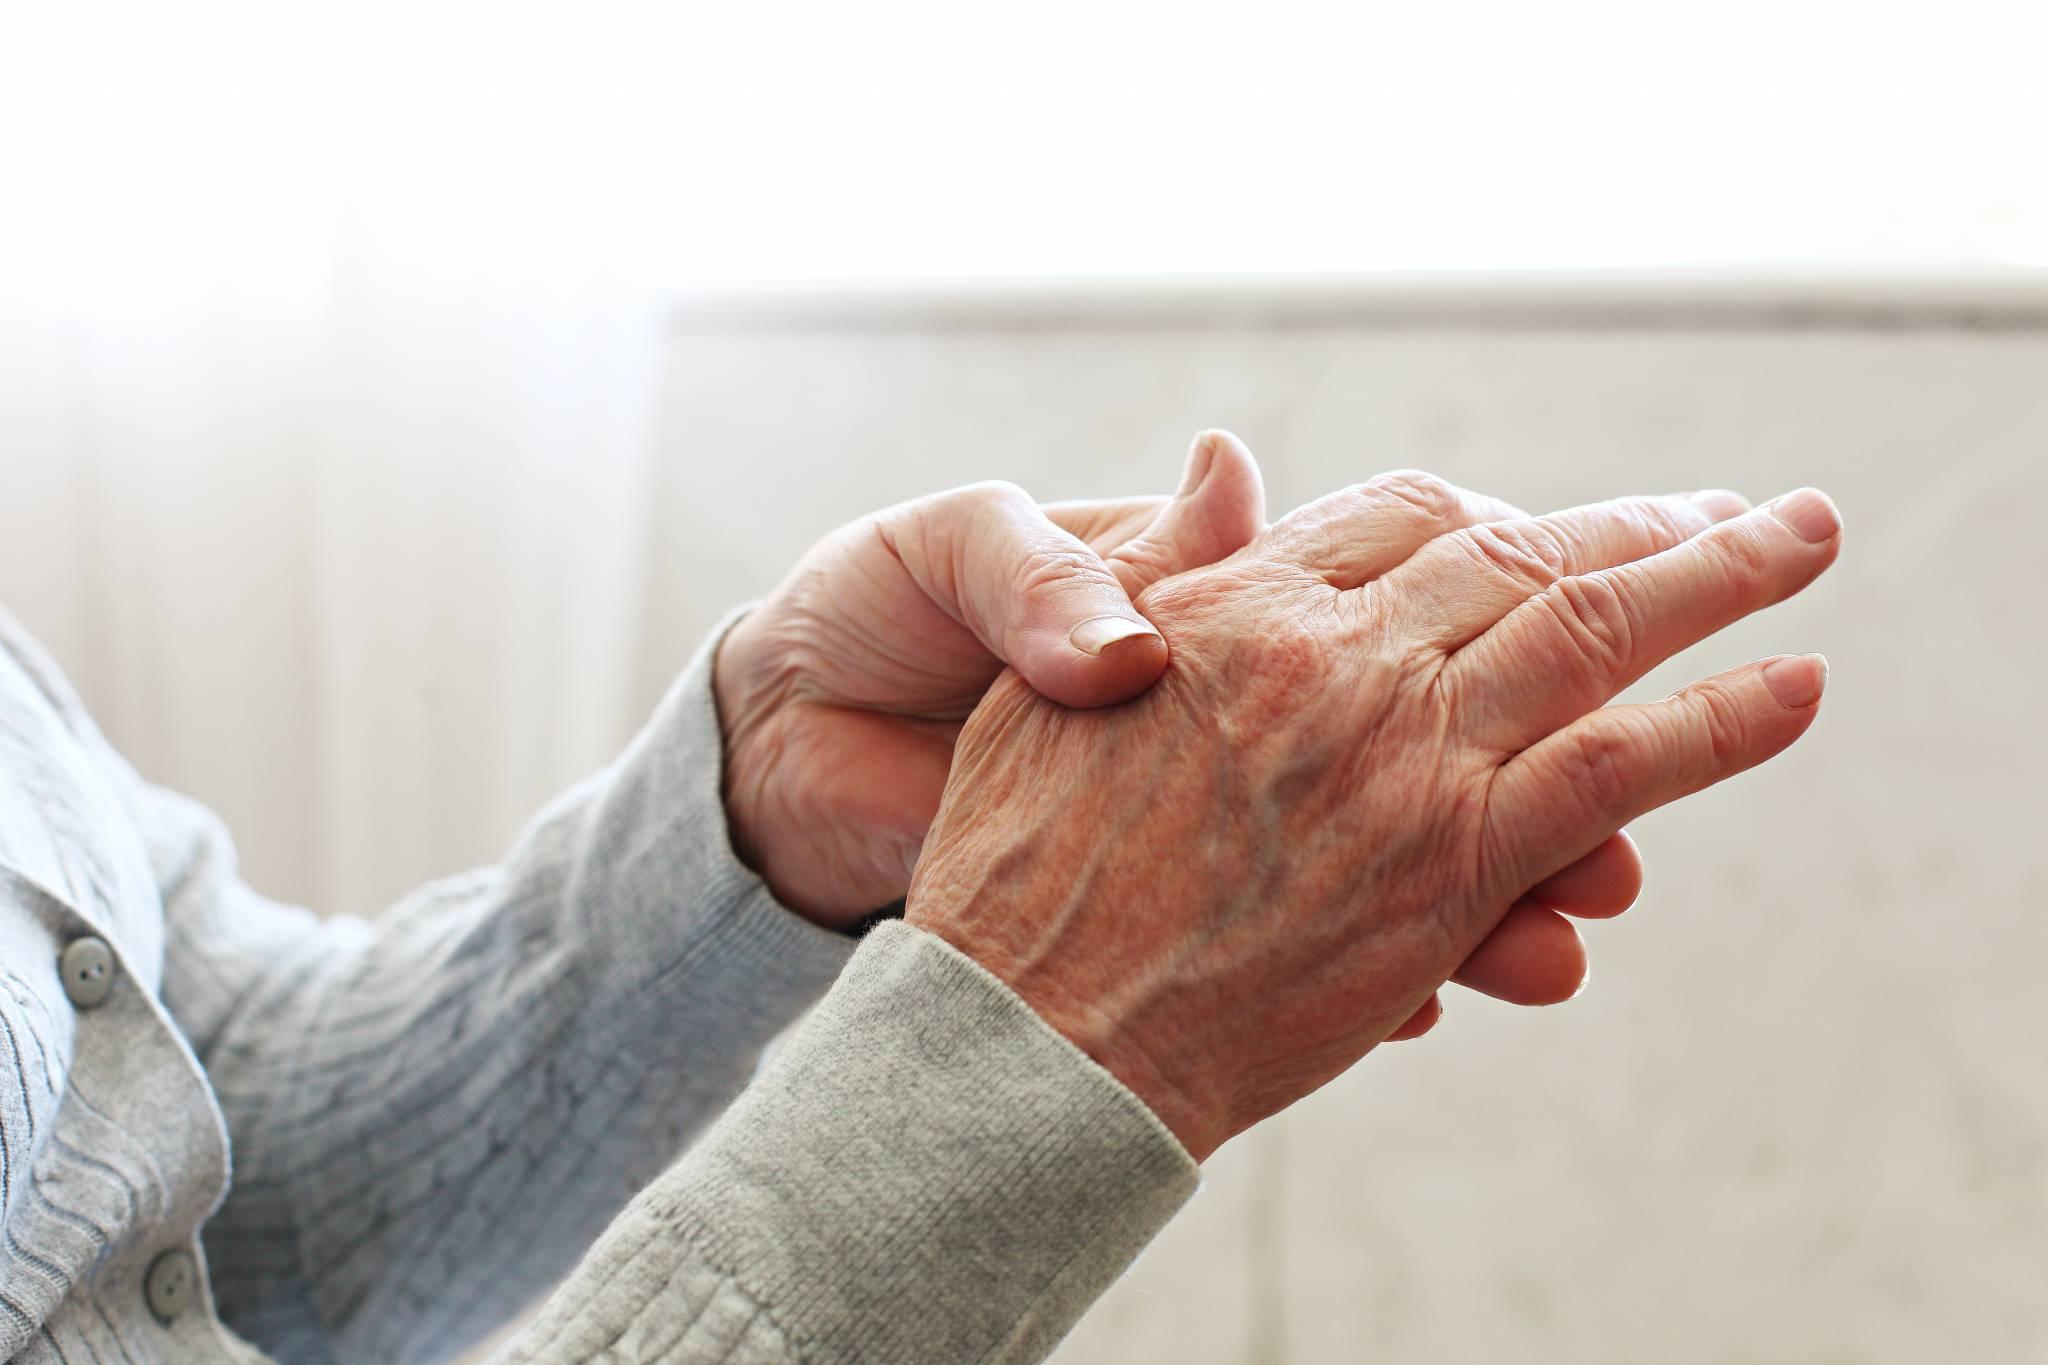 Leczenie bólu w chorobach reumatycznych